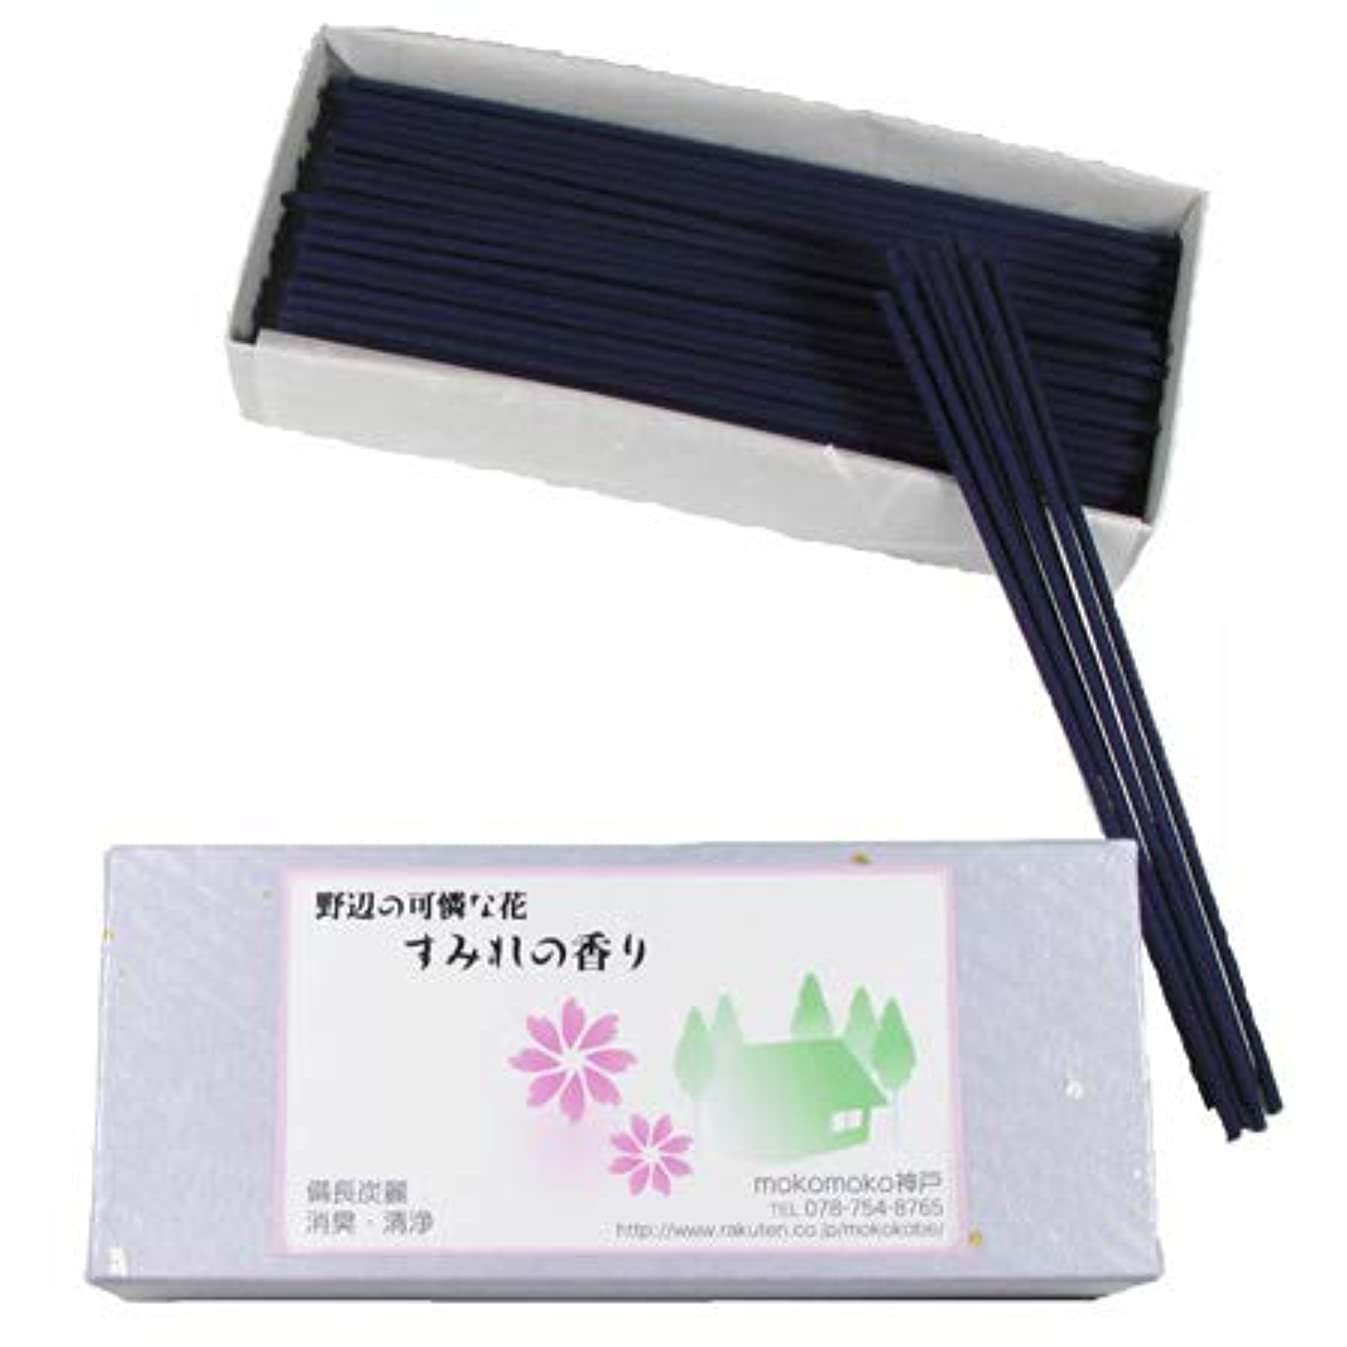 グレートオーク牽引ビュッフェ健康線香「すみれの香り」